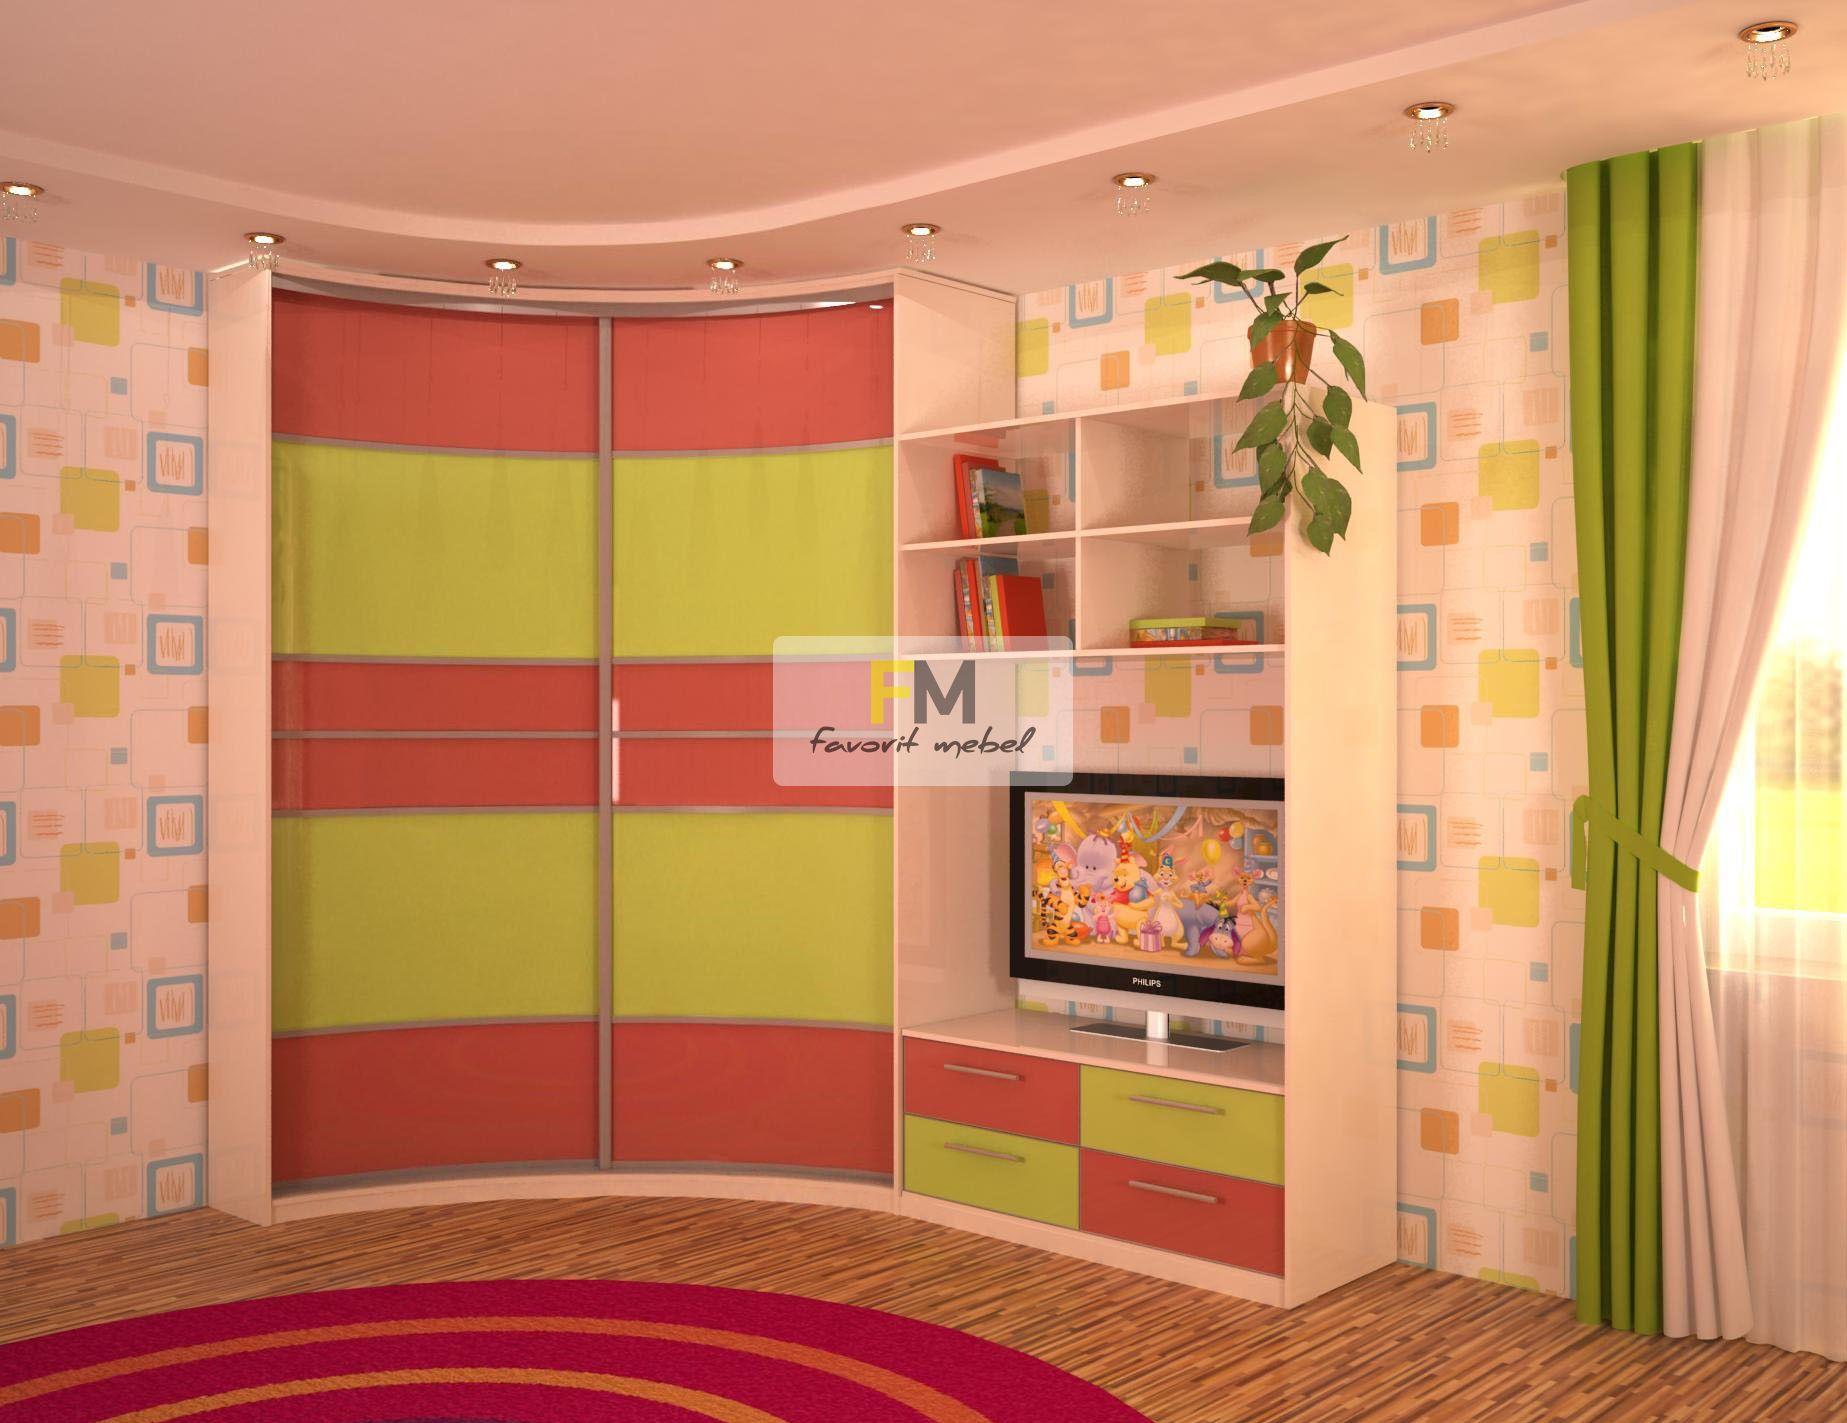 Шкаф кровать трансформер, мебель под заказ в рассрочку: ради.